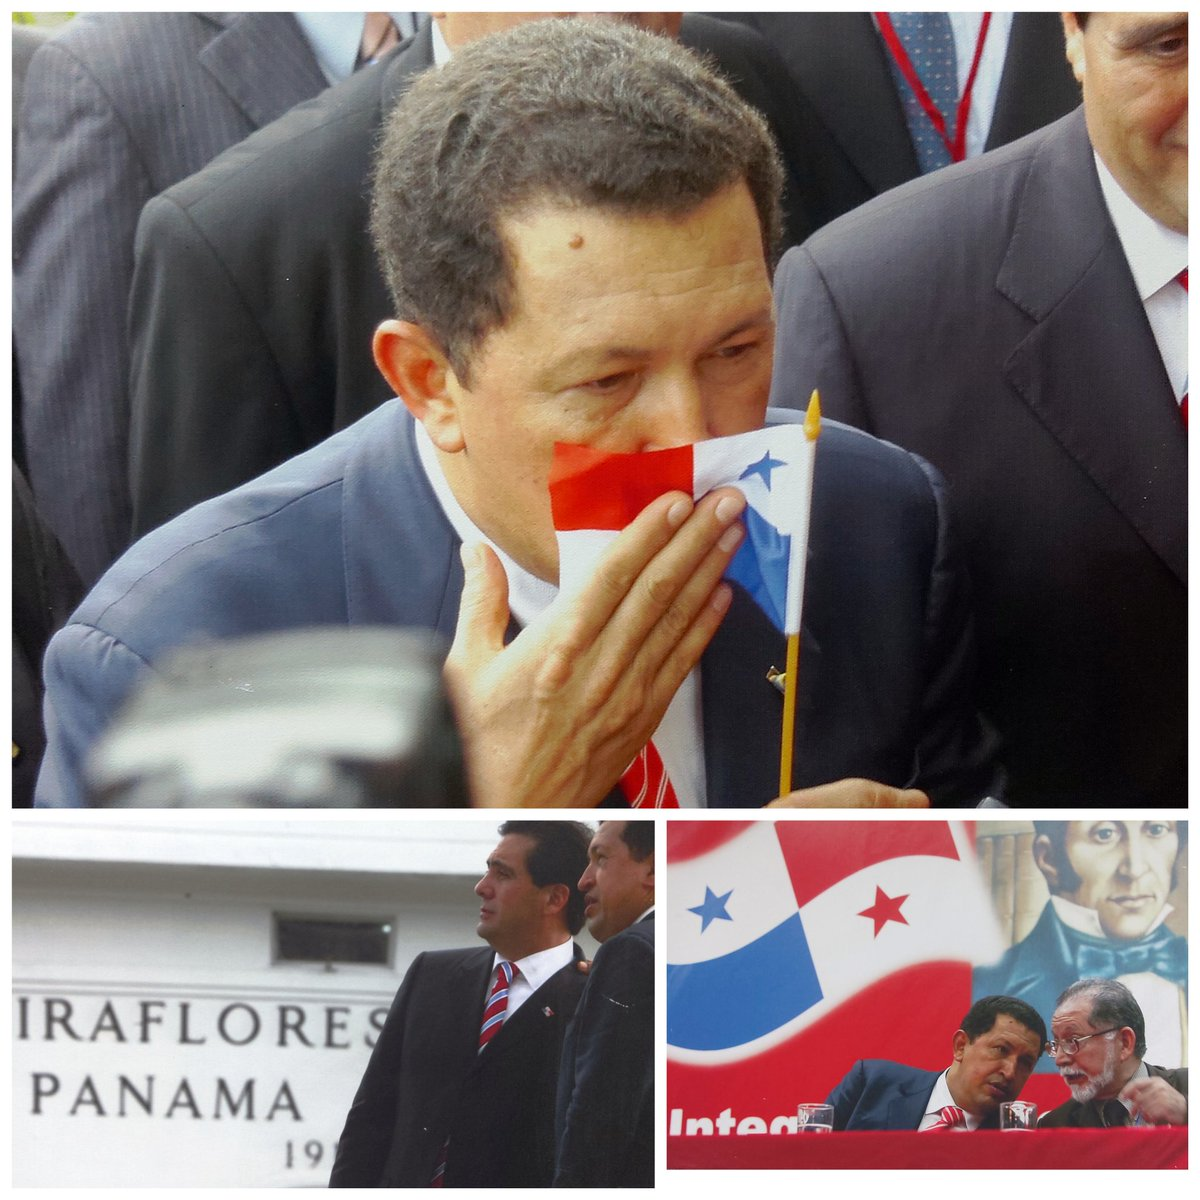 EmbaVePanama photo